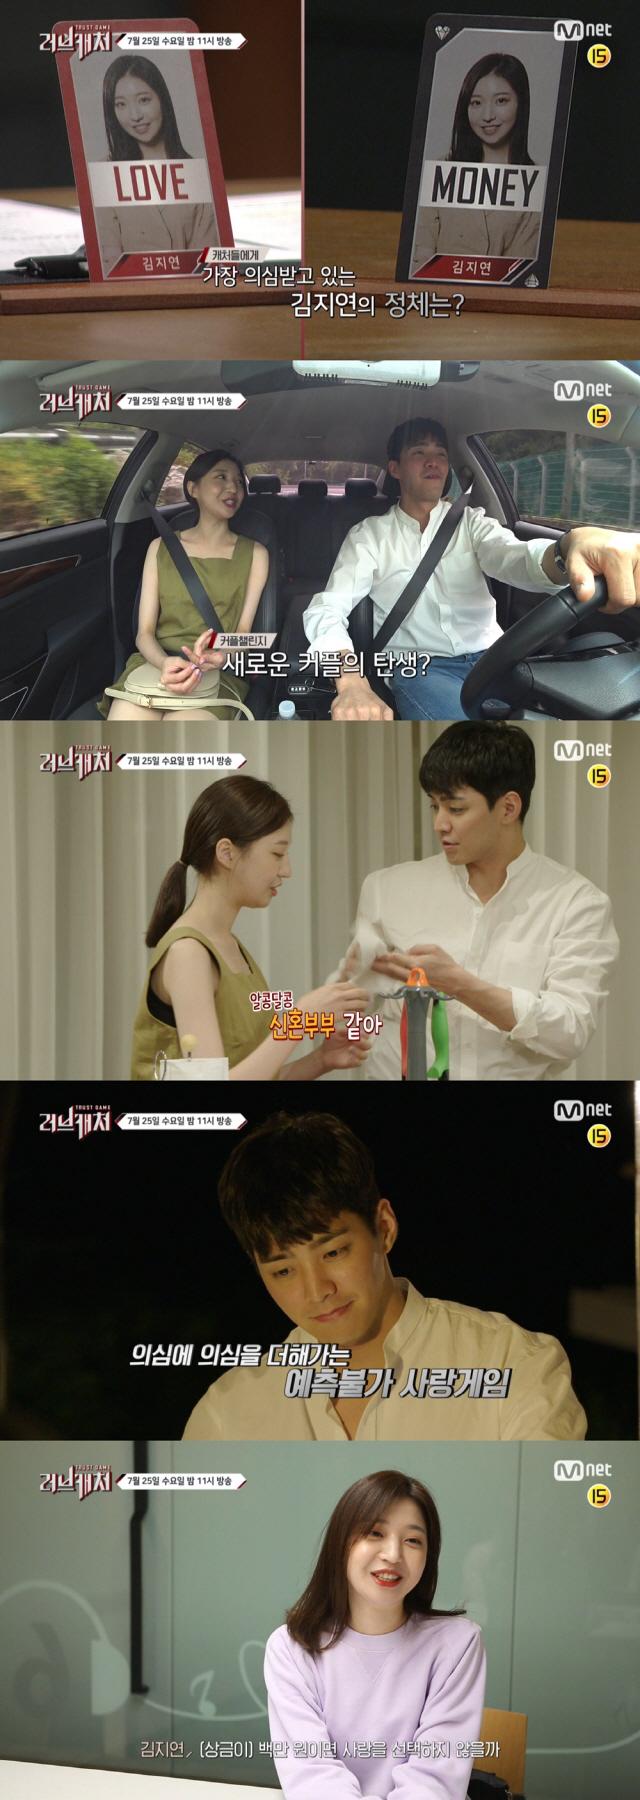 '러브캐처' 김지연-이채운-한초임, 묘한 '삼각관계' 형성